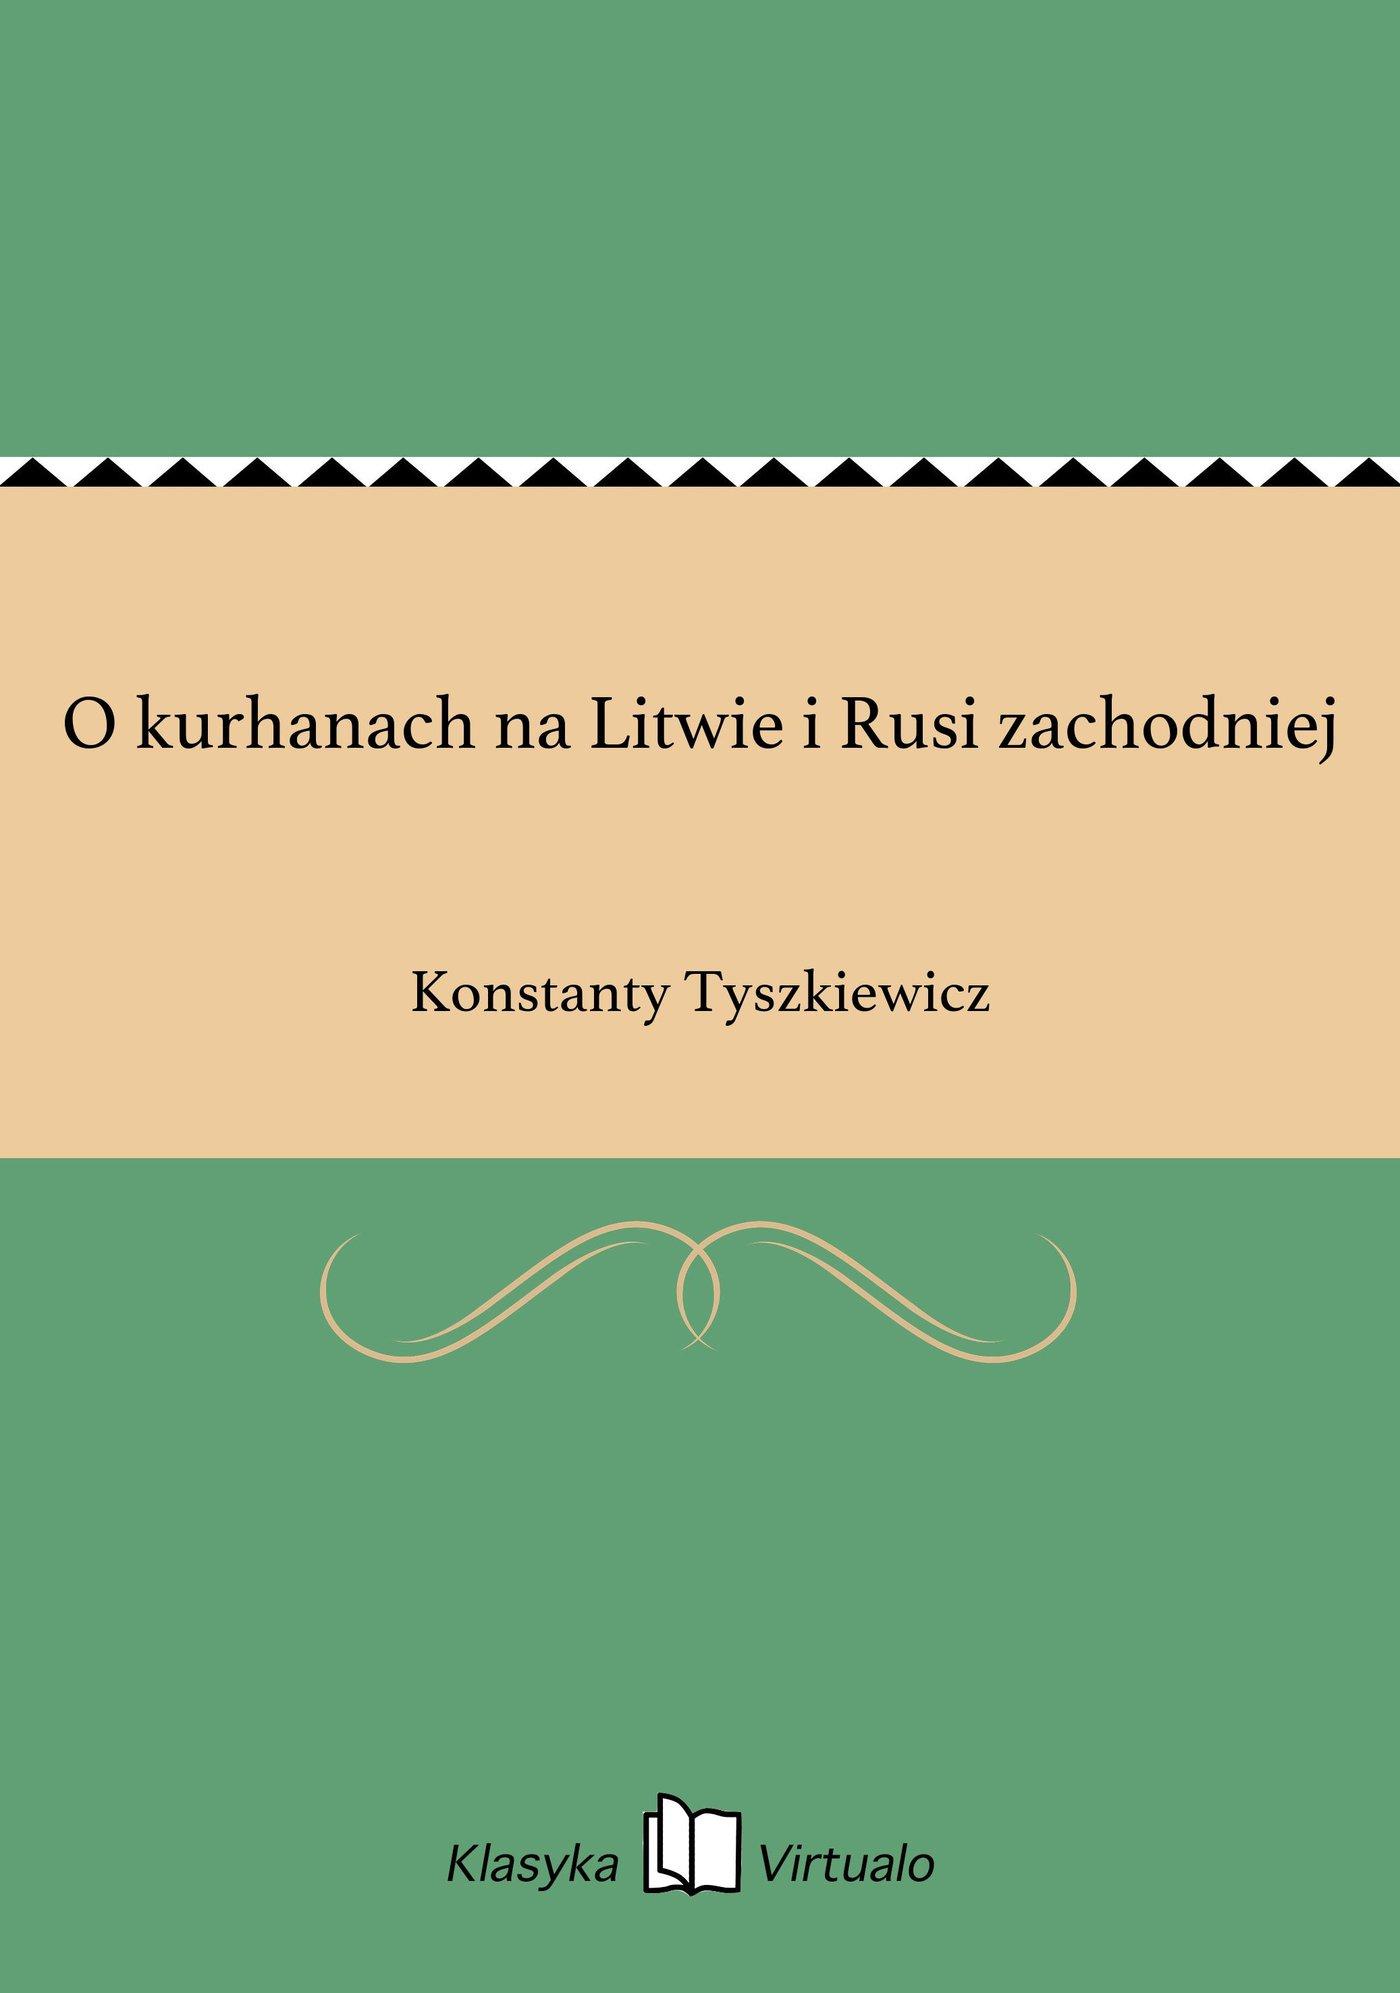 O kurhanach na Litwie i Rusi zachodniej - Ebook (Książka EPUB) do pobrania w formacie EPUB